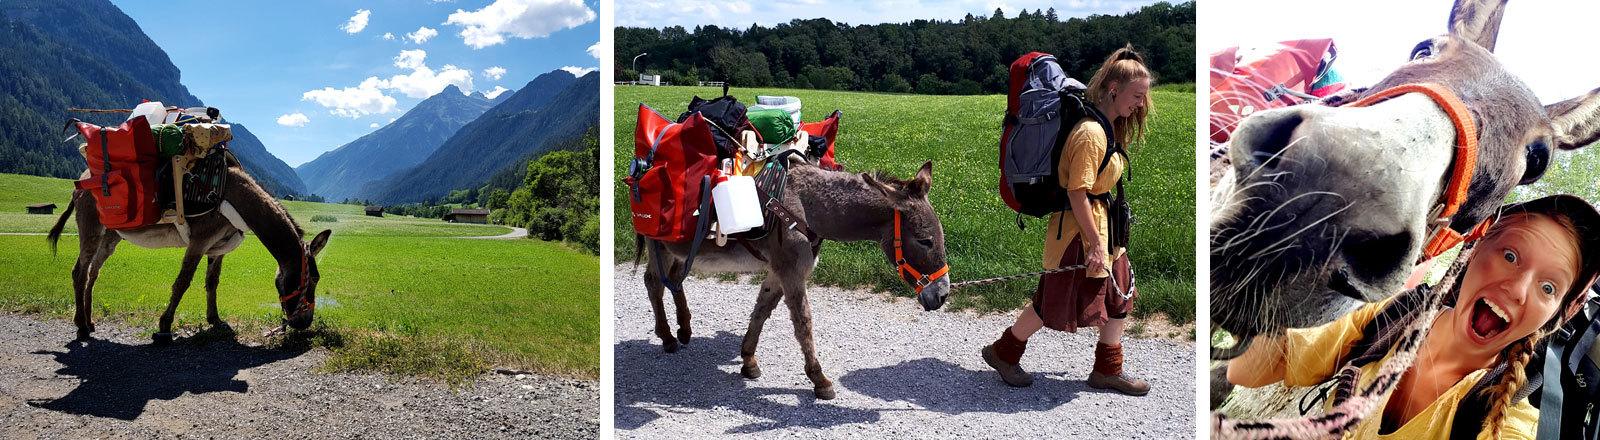 Lotta Lubkoll reist mit einem Esel.